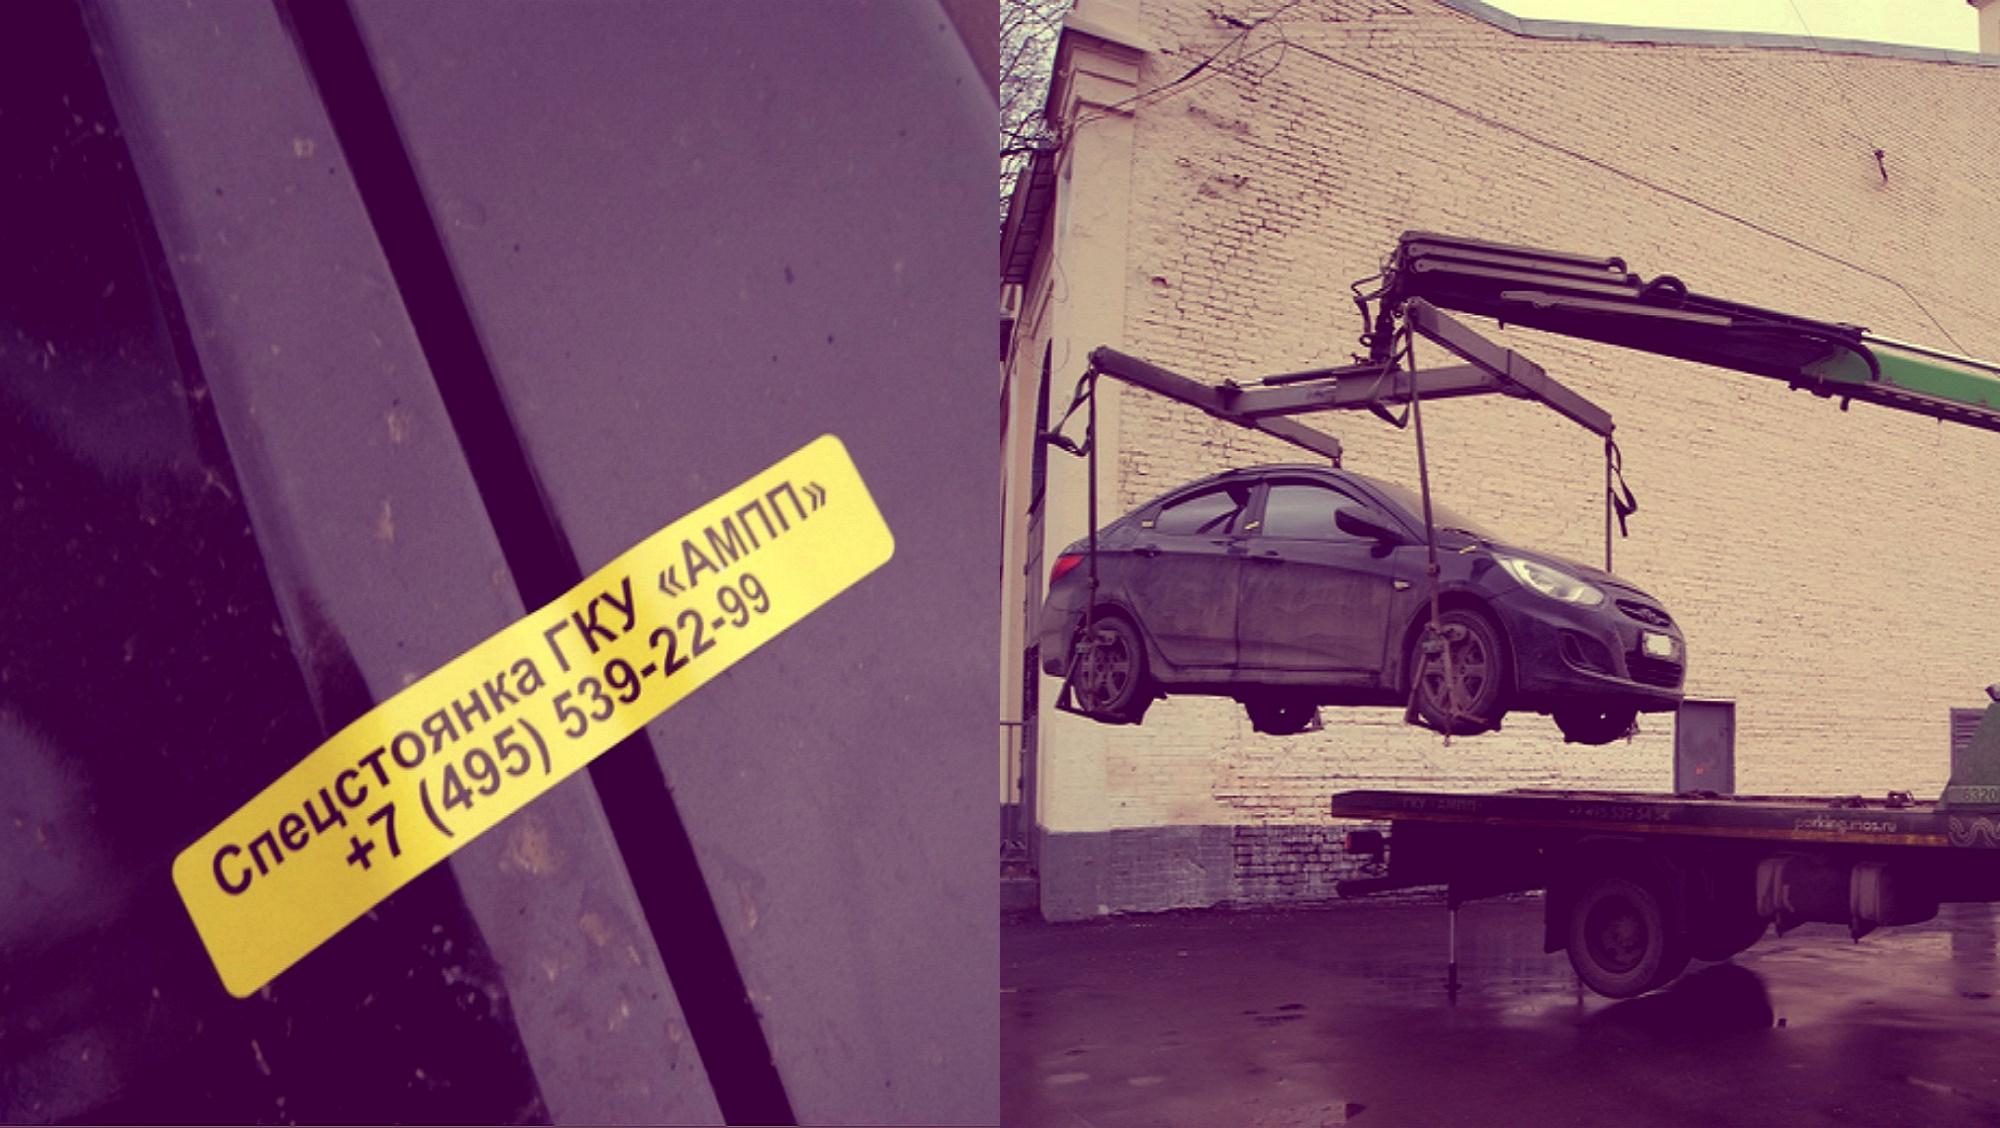 Эвакуация автомобиля на штрафстоянку: Способ, который реально поможет избежать эвакуации